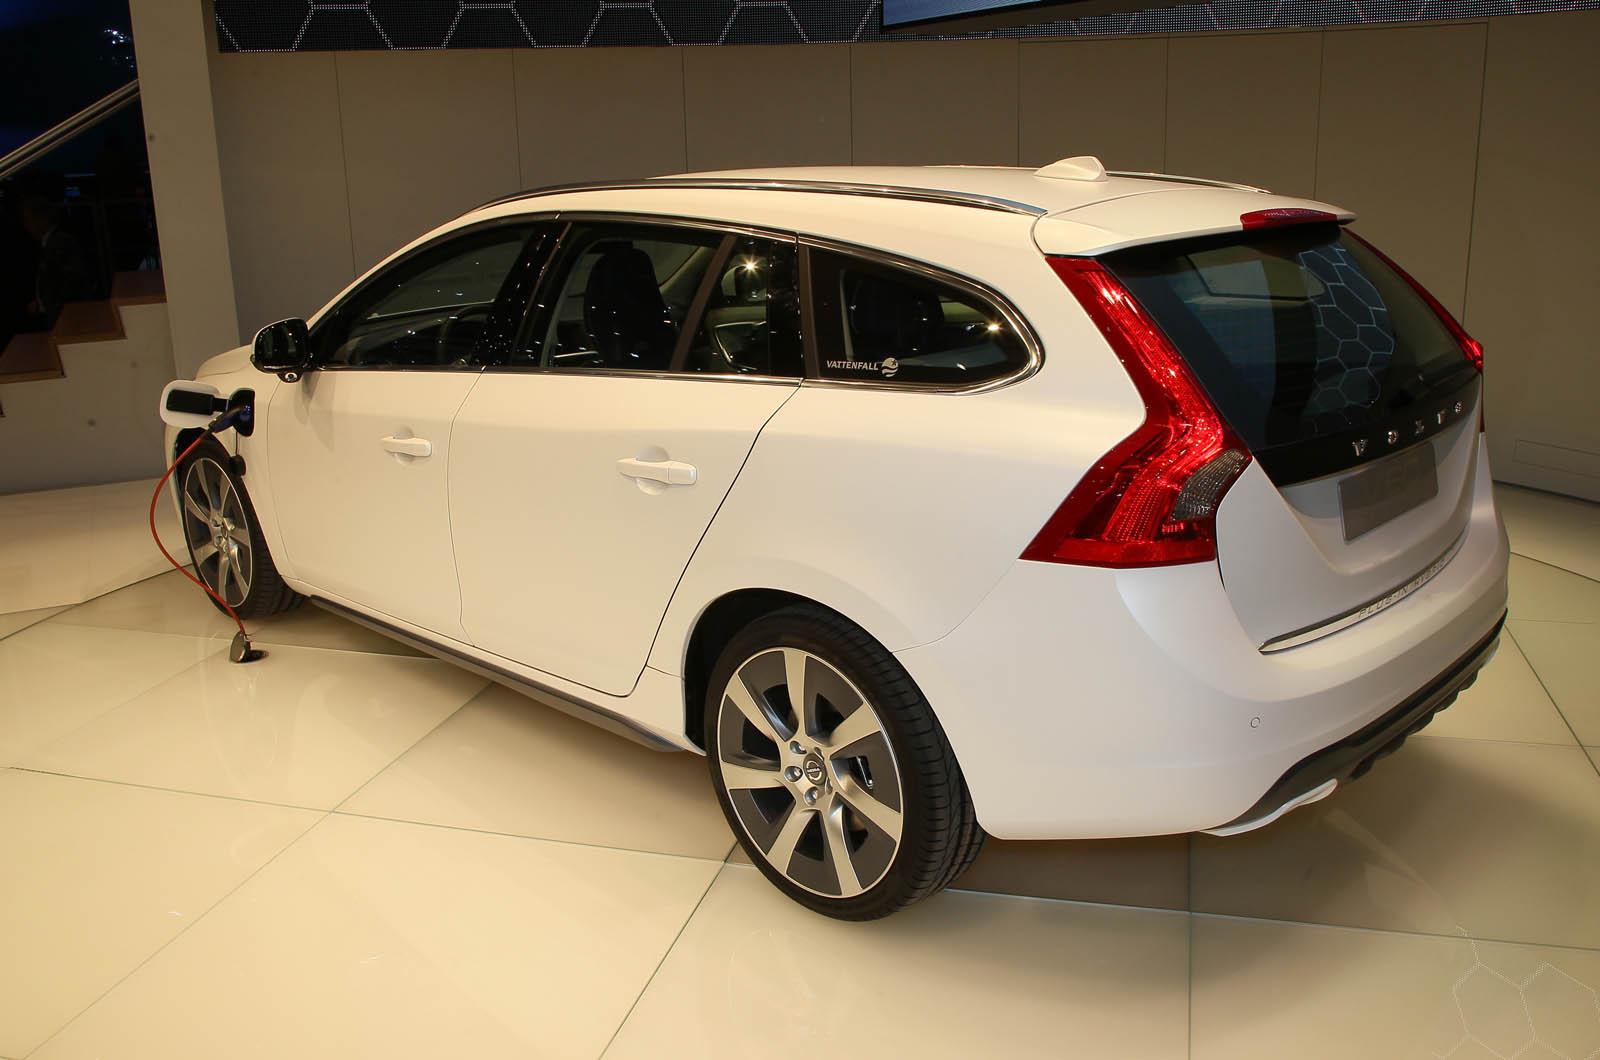 geneva motor show 2011 volvo v60 hybrid autocar. Black Bedroom Furniture Sets. Home Design Ideas